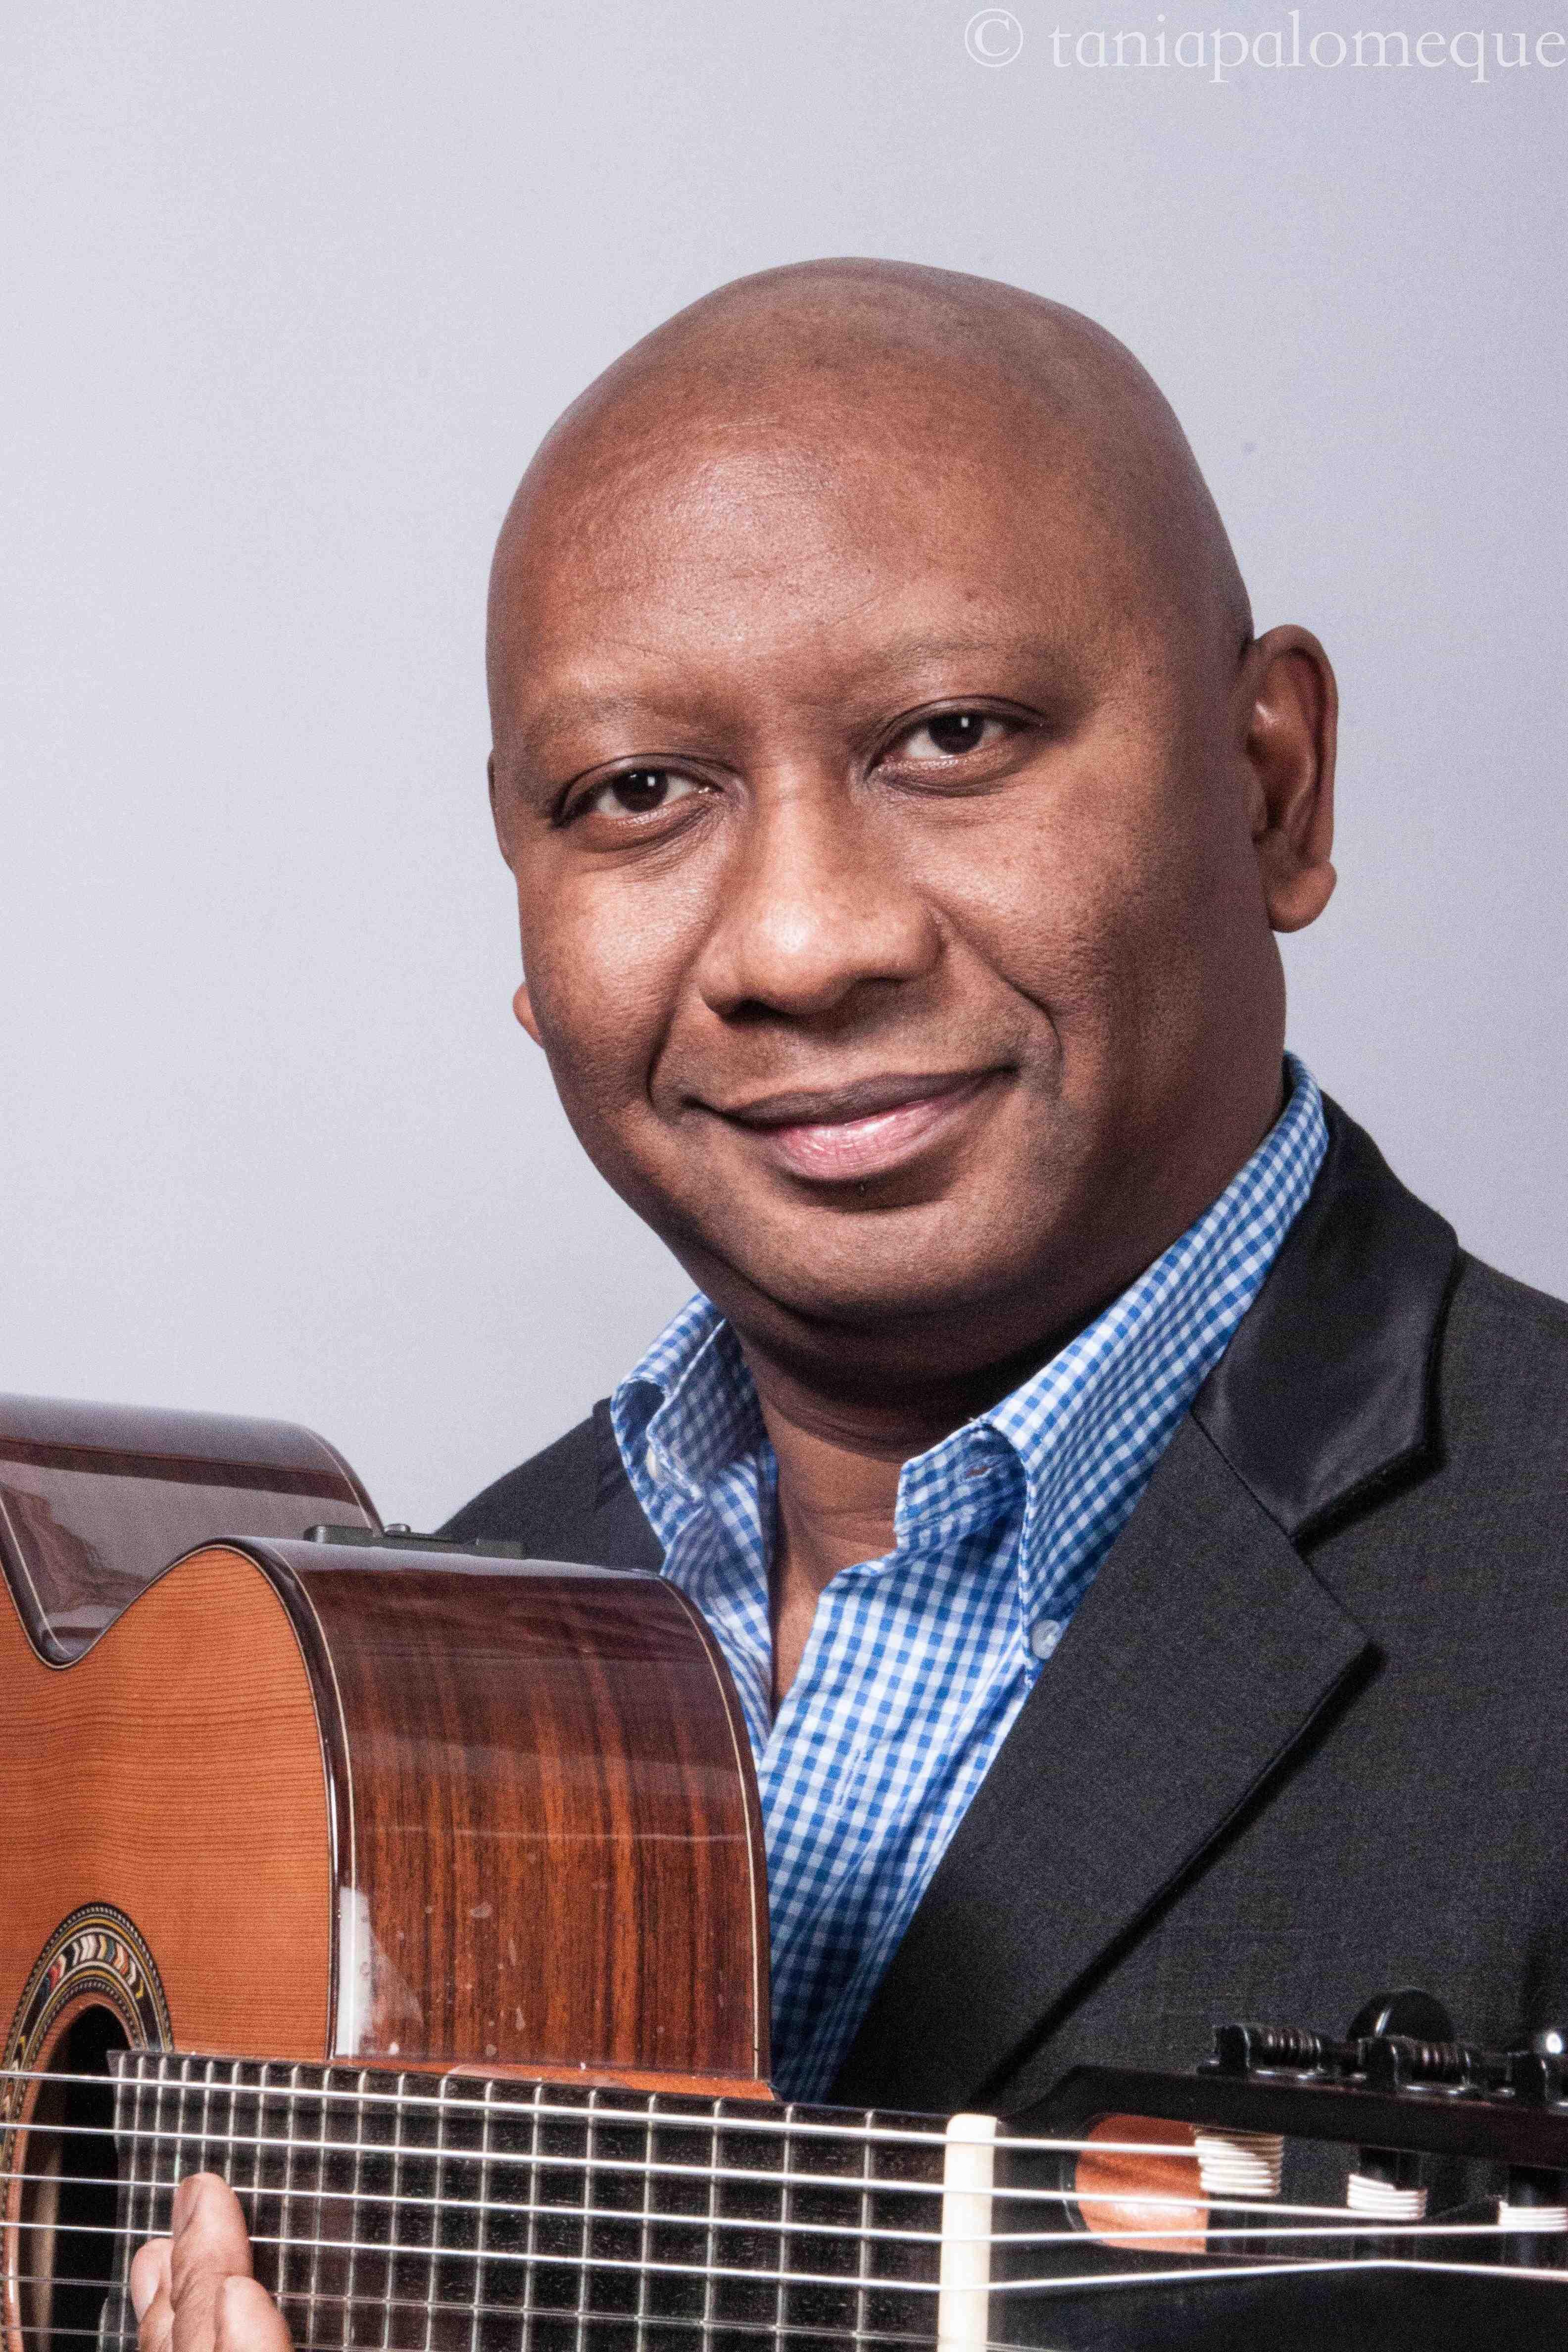 Ron Jackson (jazz musician) - Wikipedia